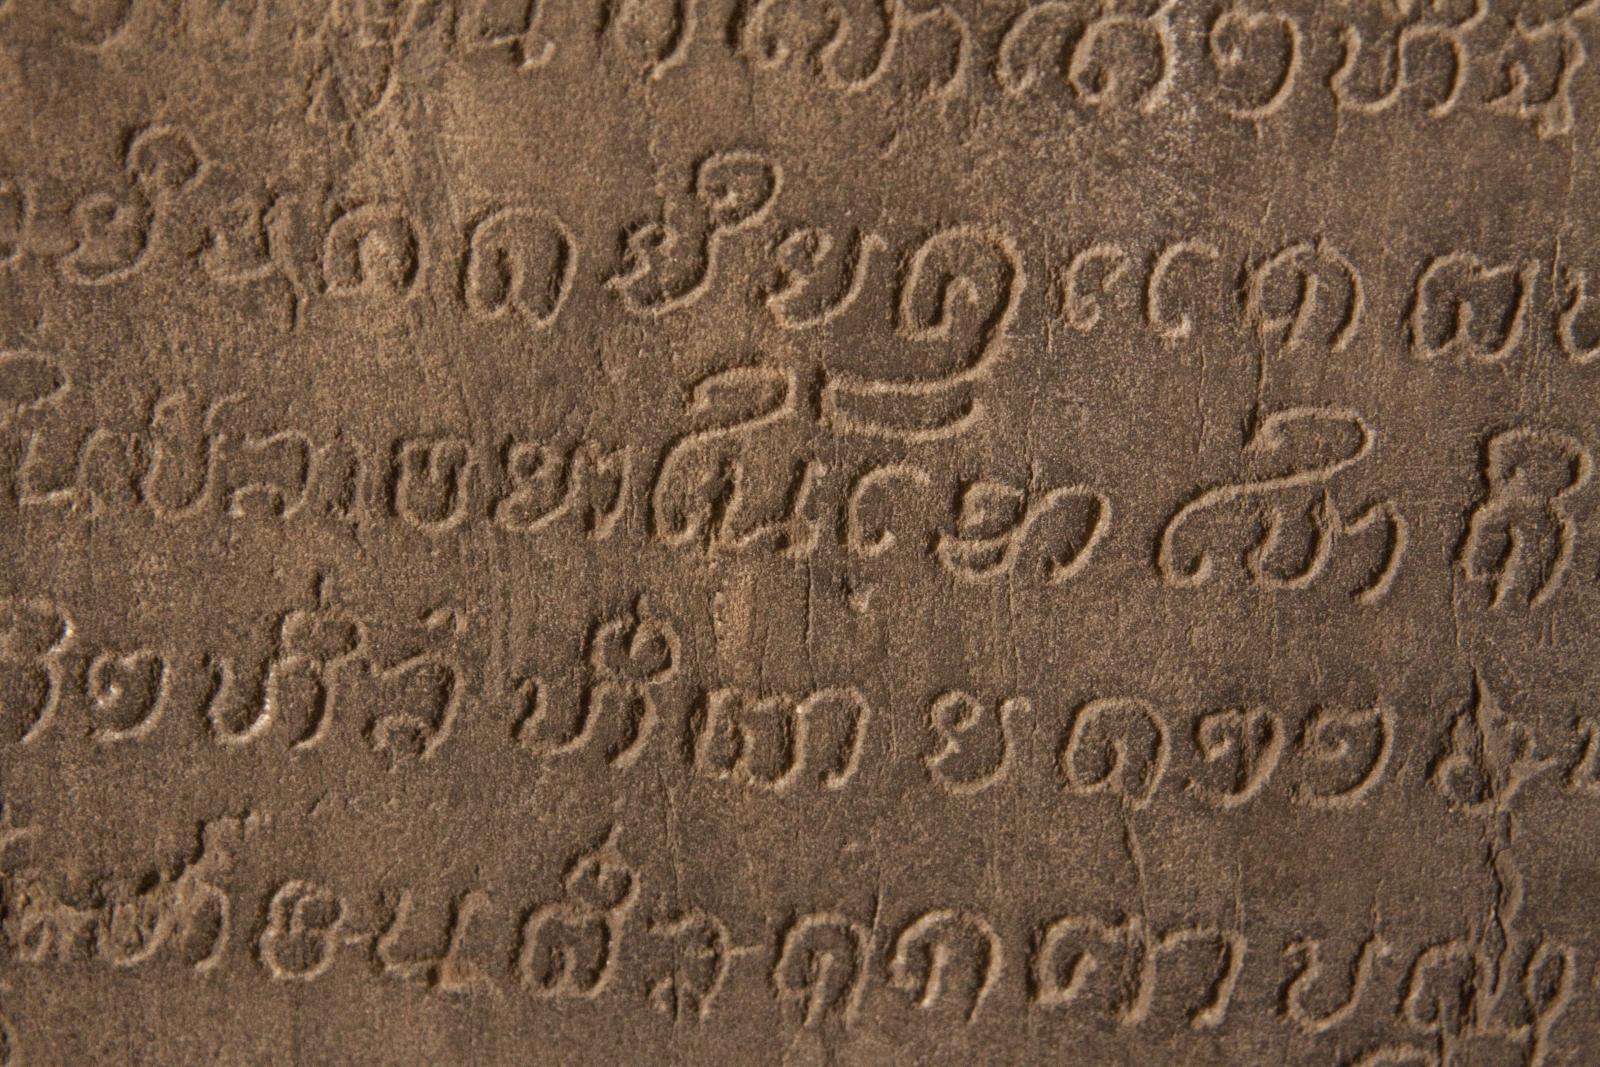 Thai Sukhothai script